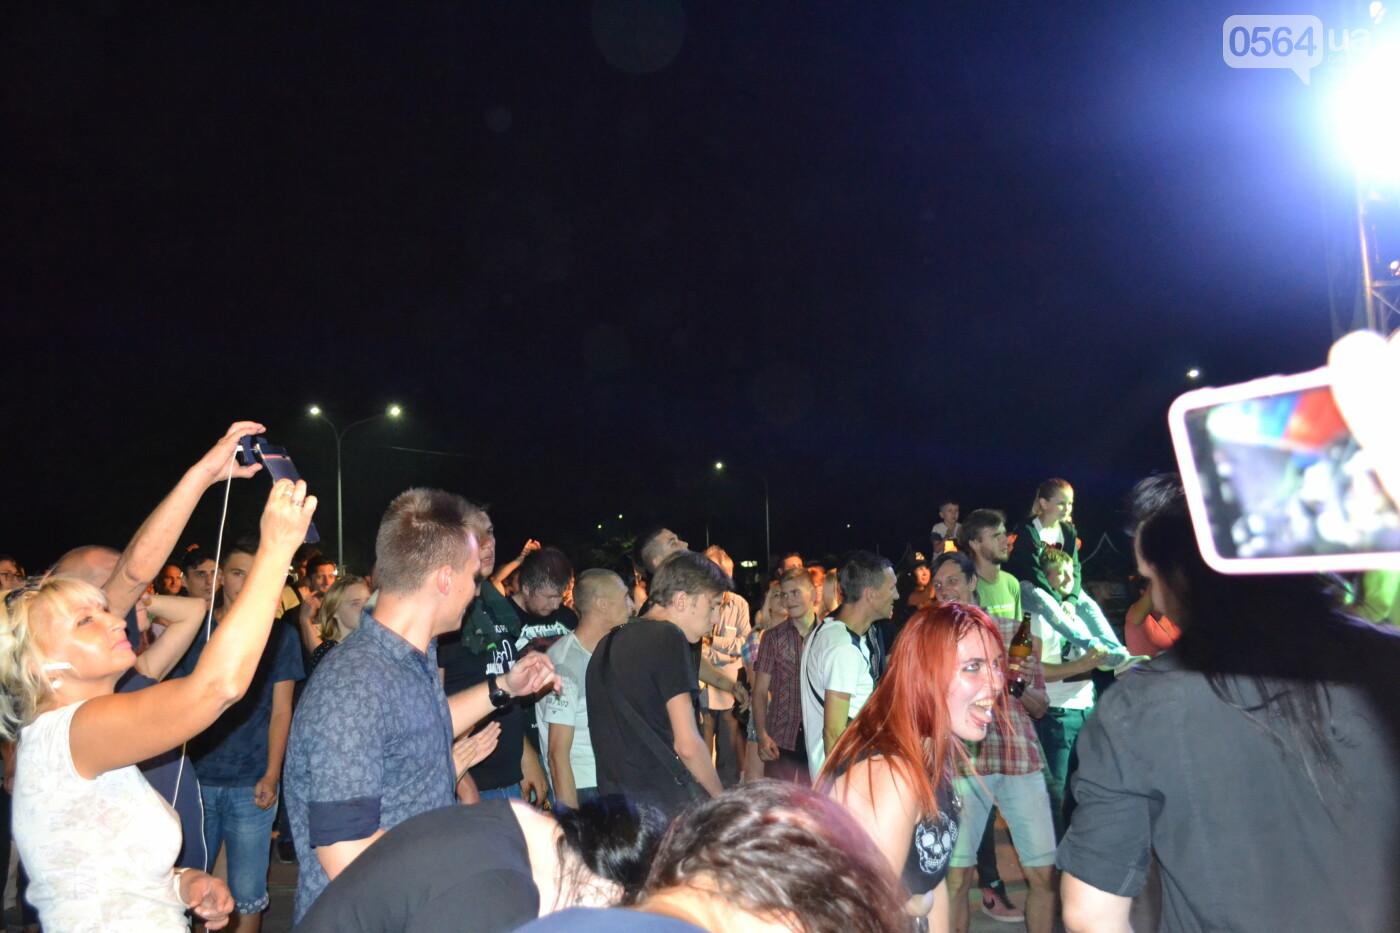 """Музыканты раскрыли душу, а зрители - открыли сердца: лица и эмоции на  криворожском рок-фесте """"ЗаліZна міць"""", - ФОТО, фото-40"""